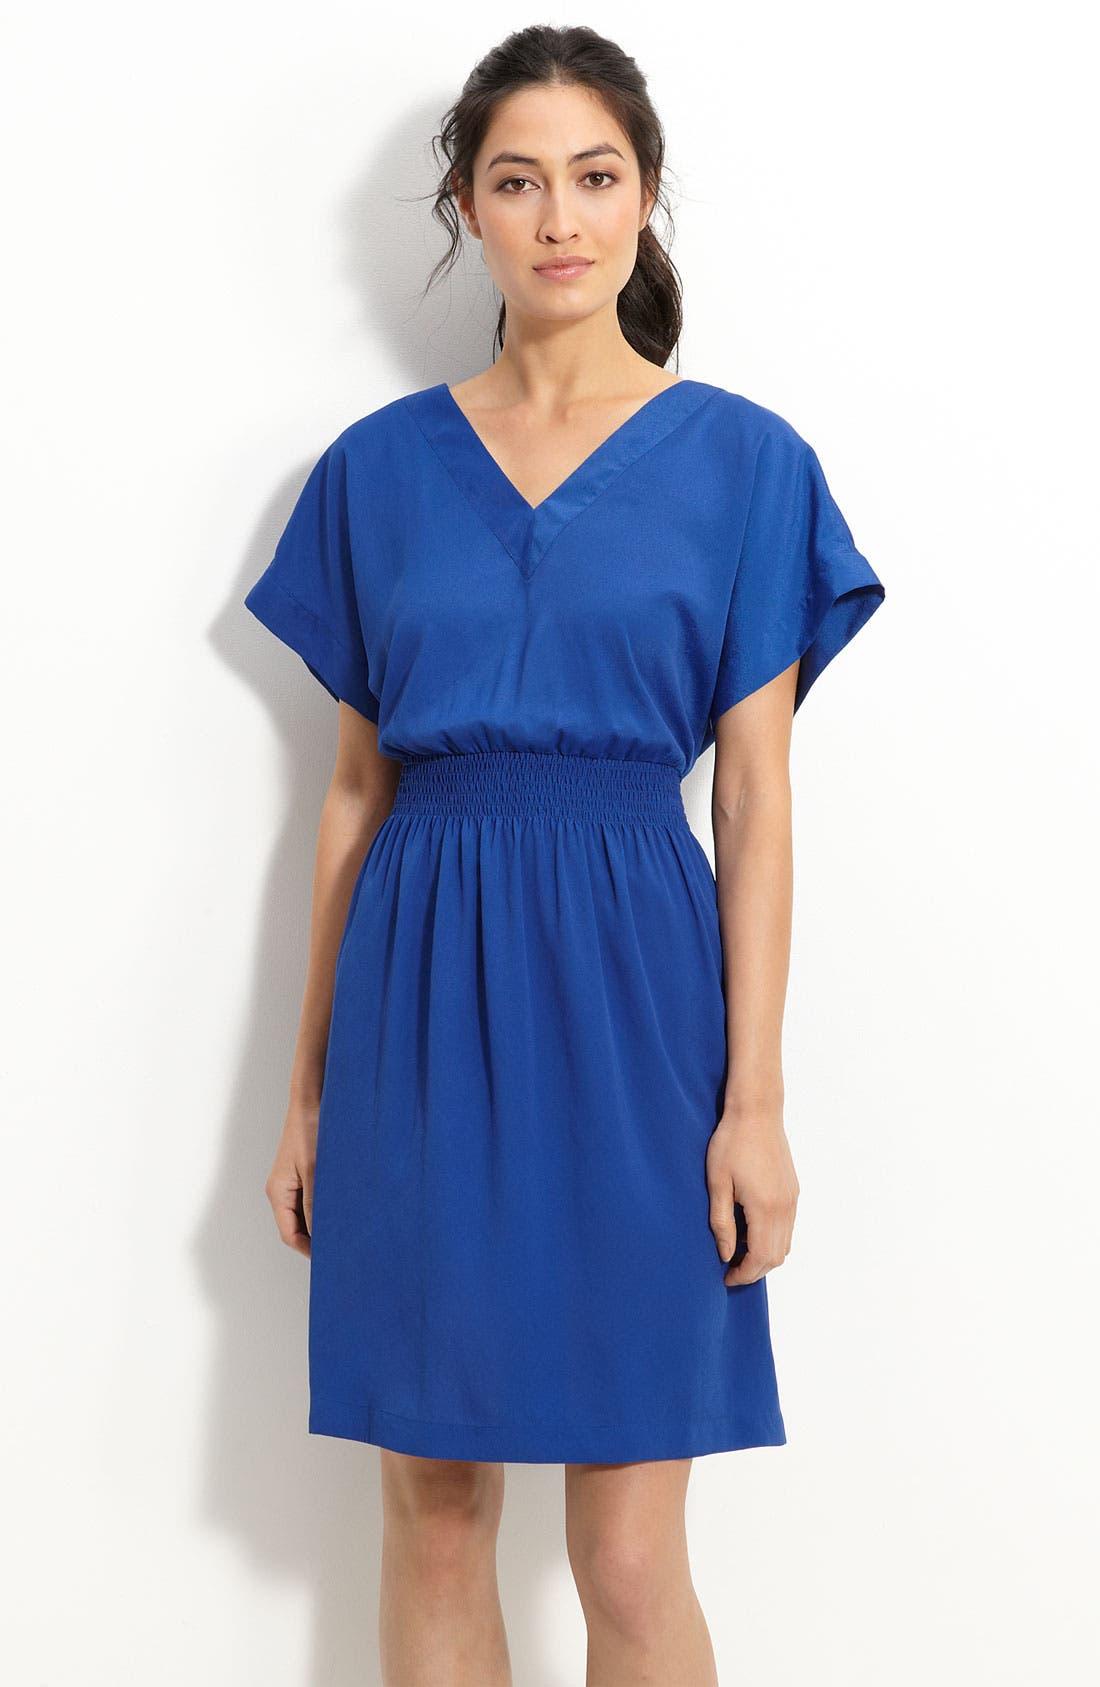 Main Image - Suzi Chin for Maggy Boutique Blouson Crêpe de Chine Dress